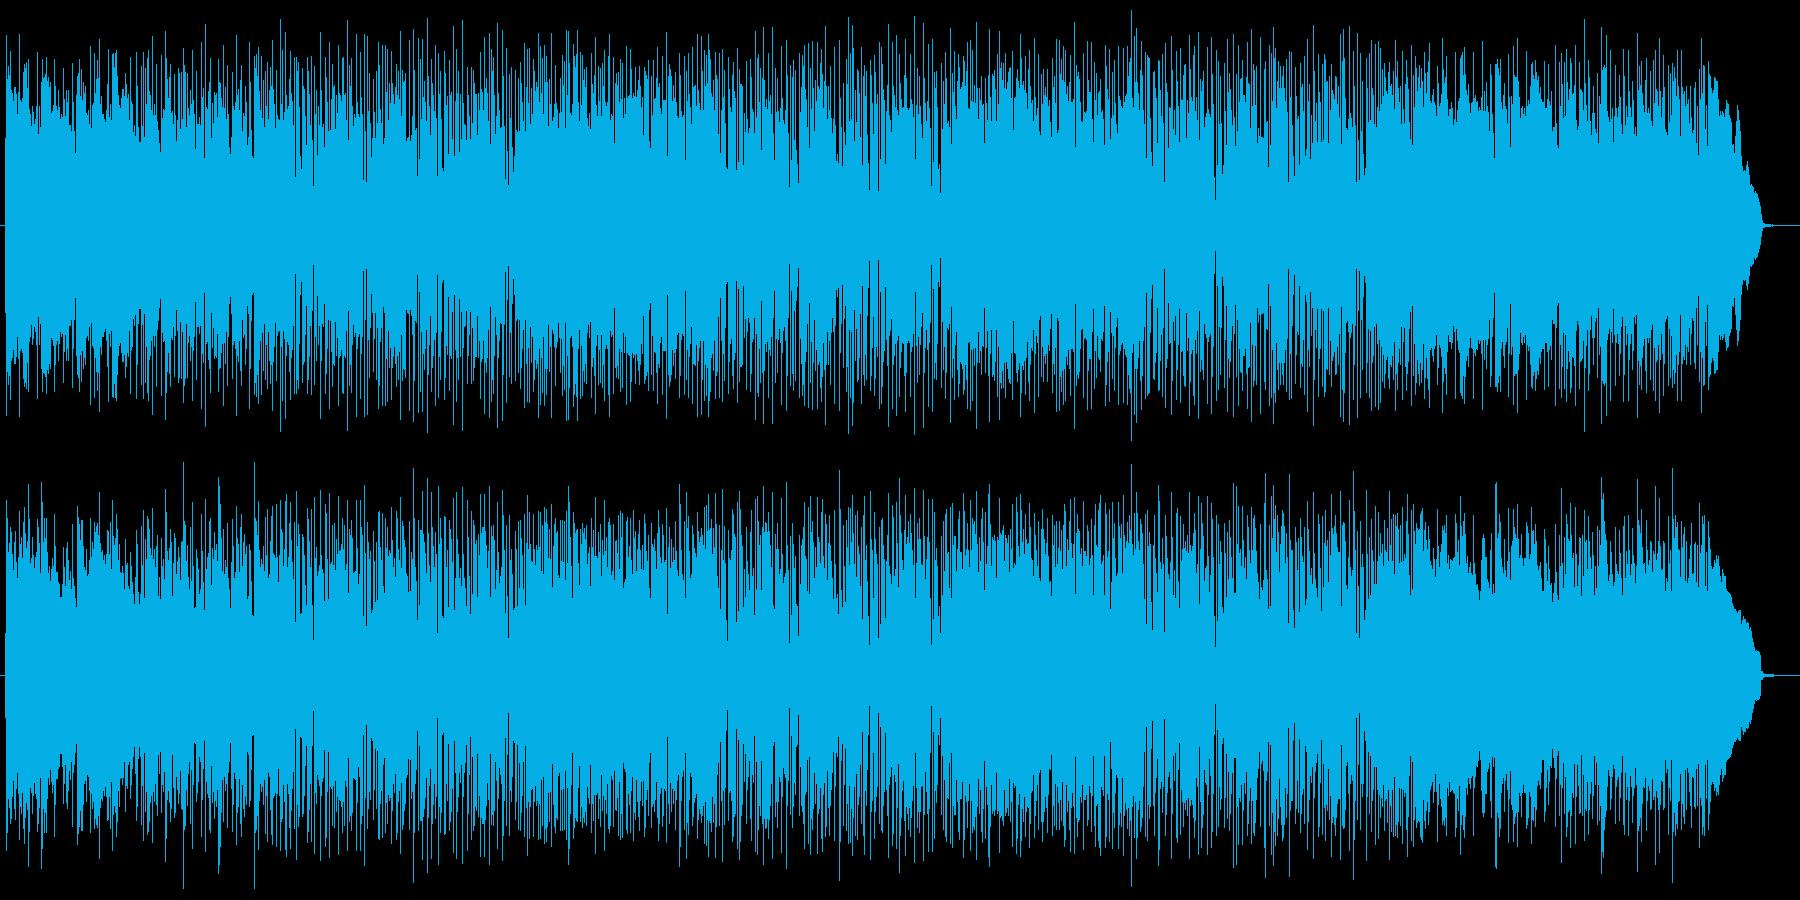 エレキとピアノの躍動感溢れるサウンドの再生済みの波形